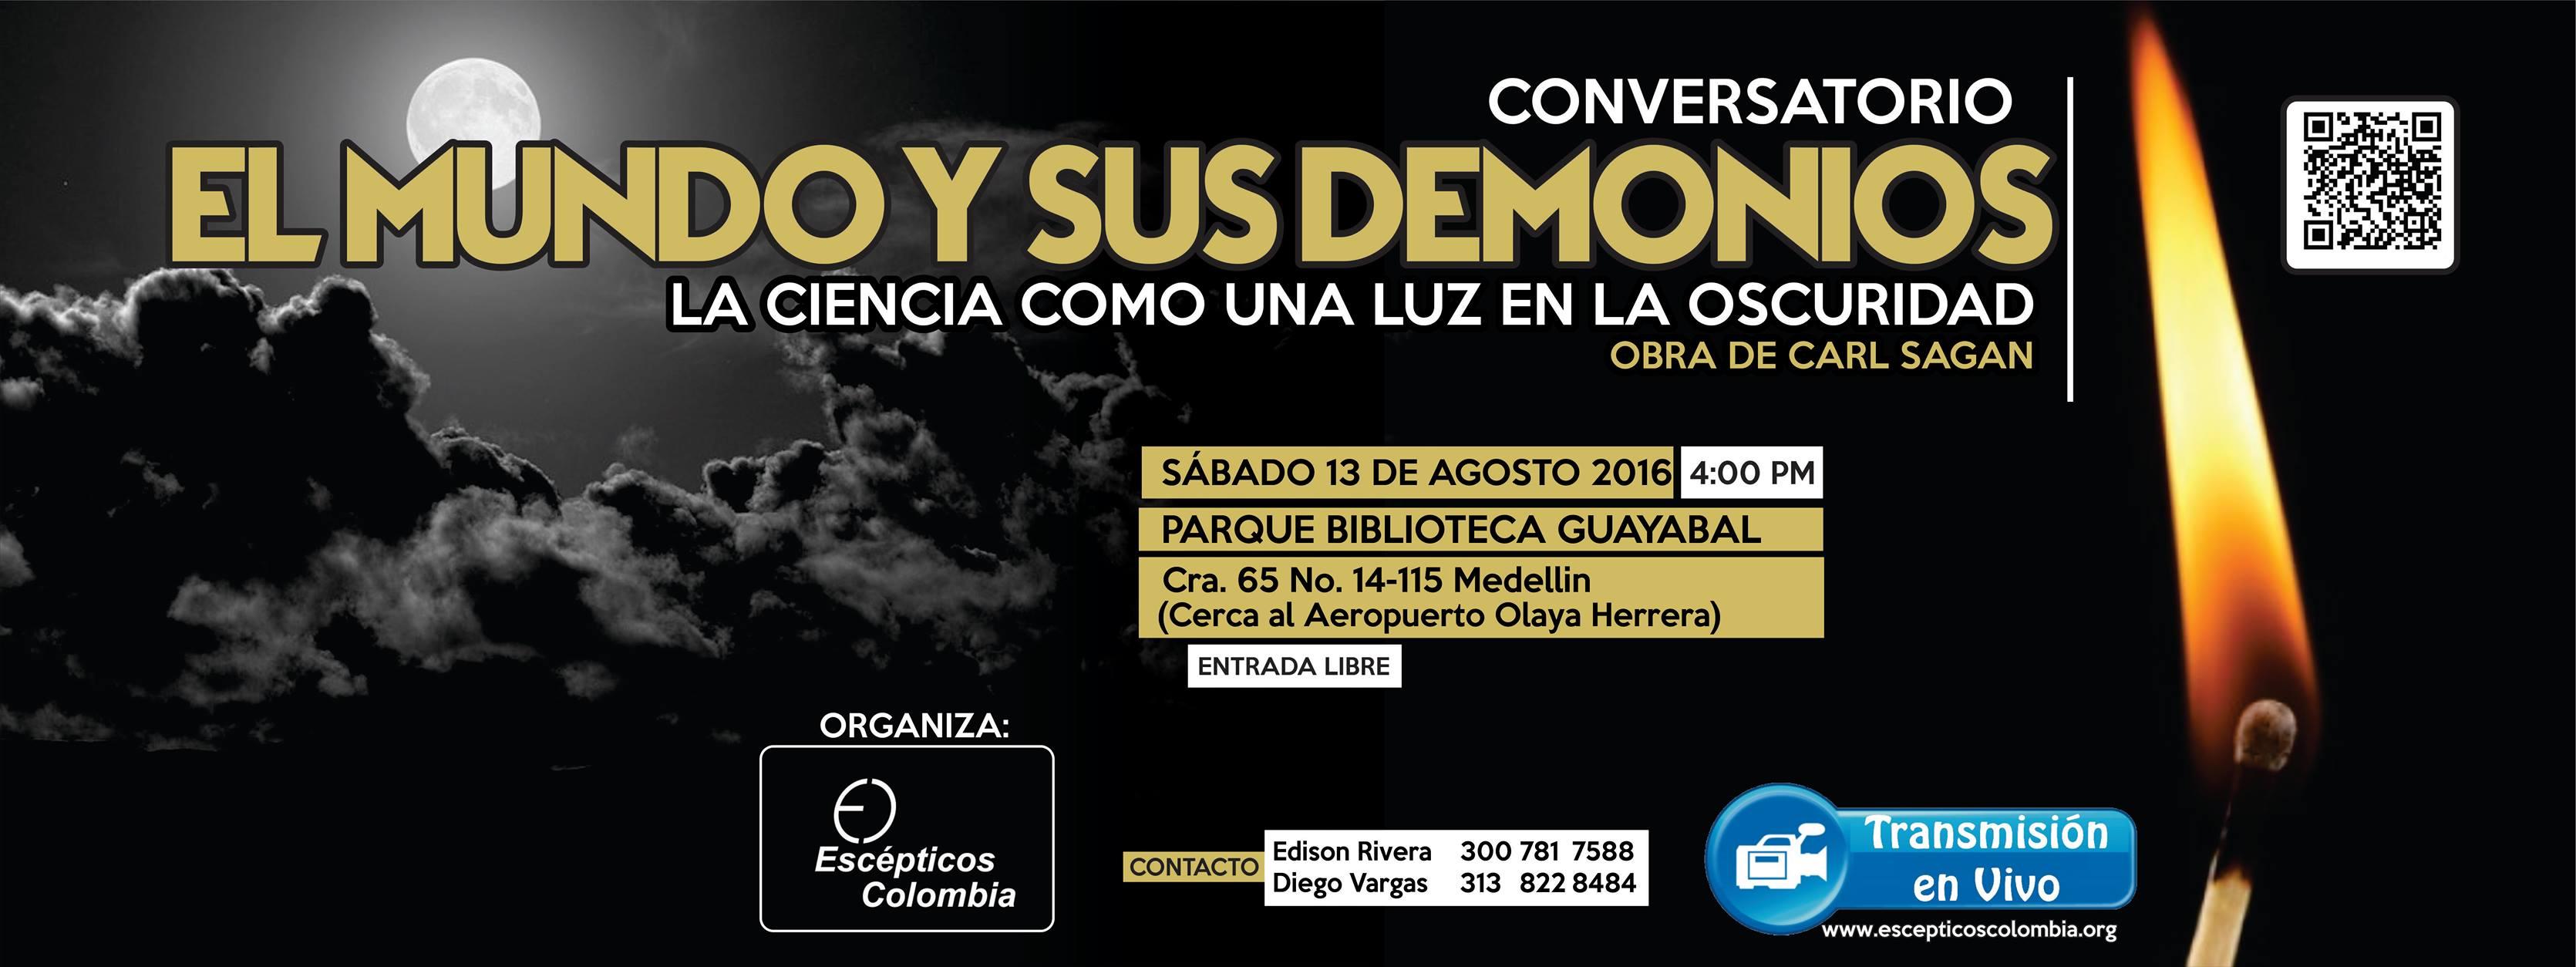 Conversatorio-El-Mundo-y-Sus-Demonios-Me